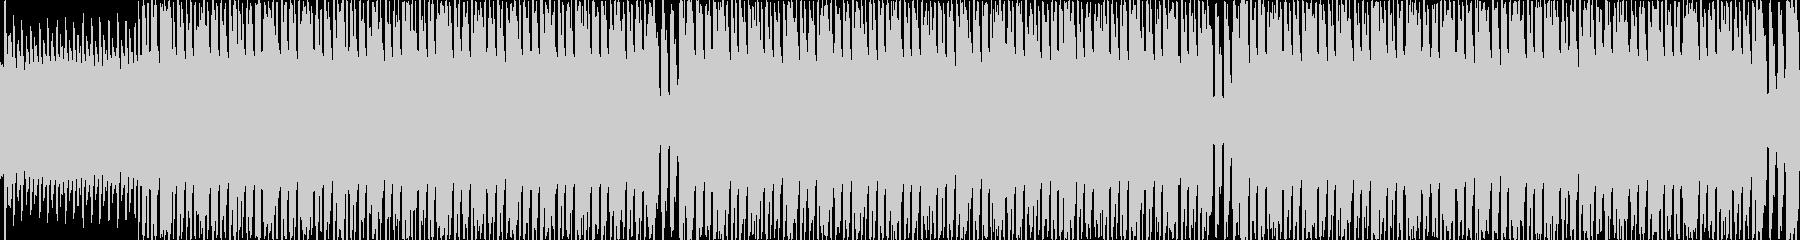 電気タイプの敵との戦闘BGMの未再生の波形